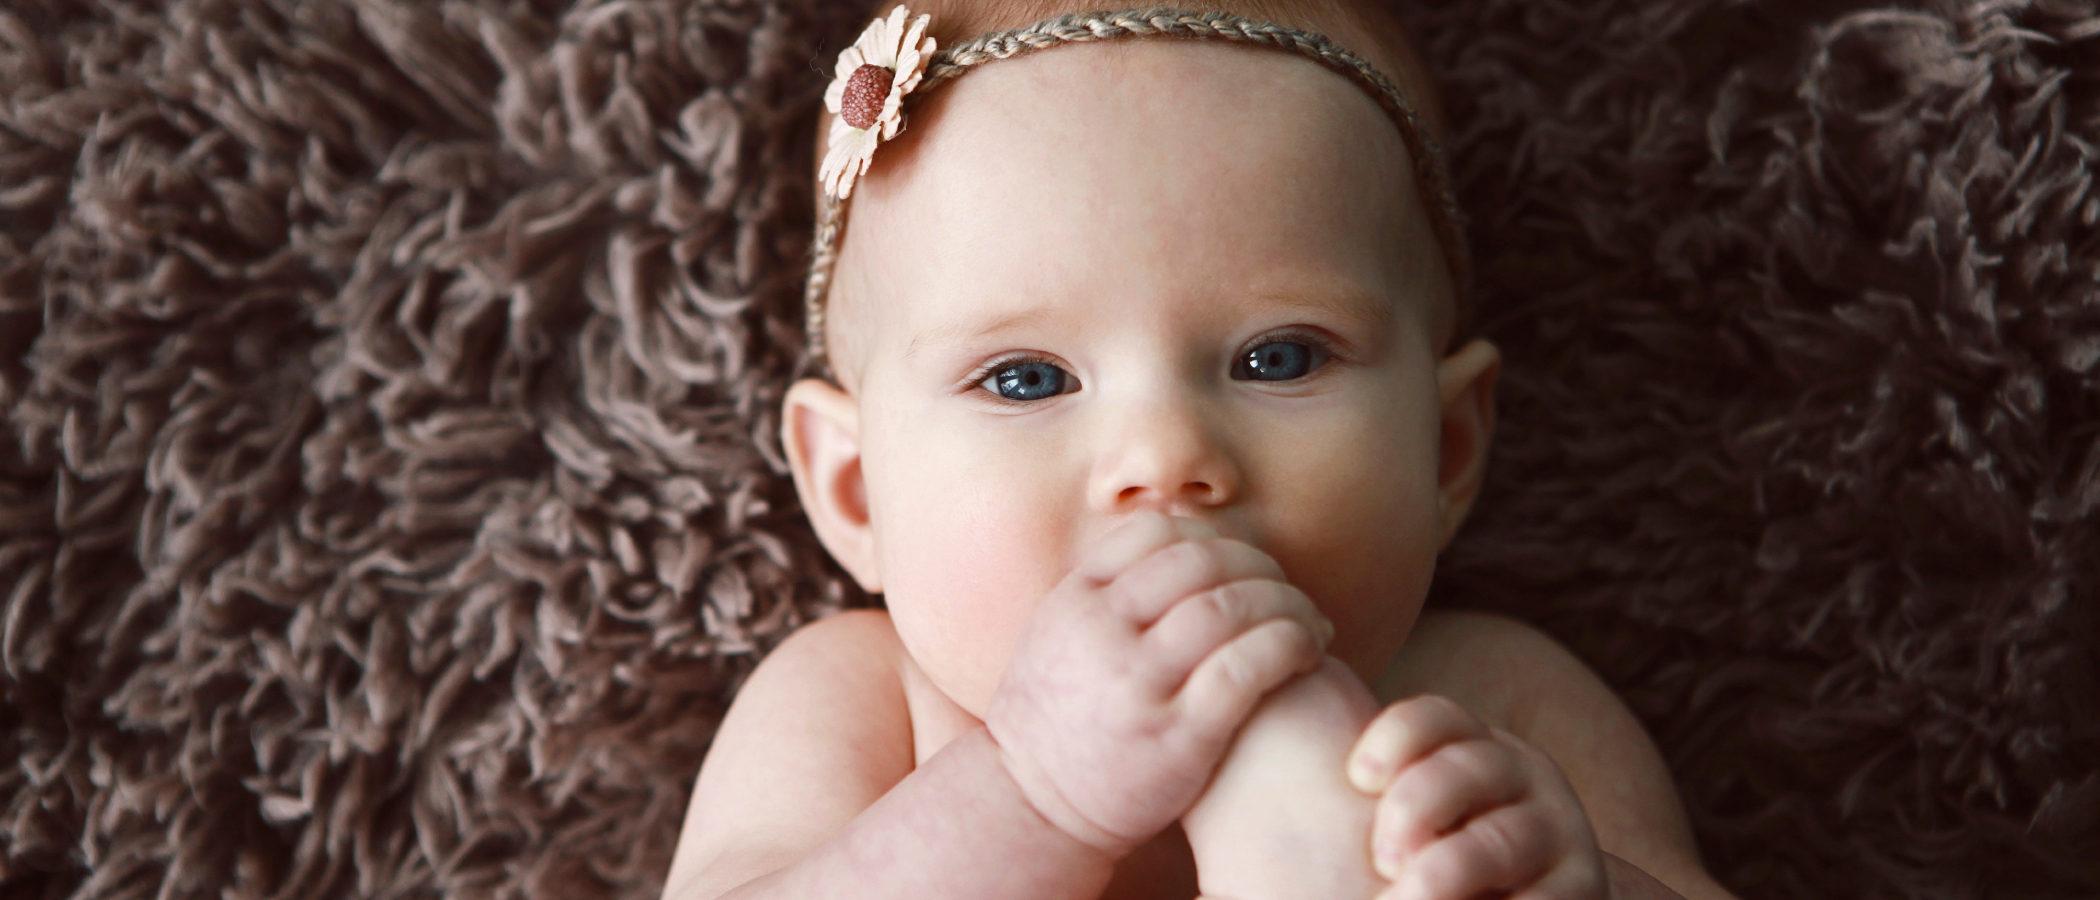 El bebé de 4 meses - Bekia Padres